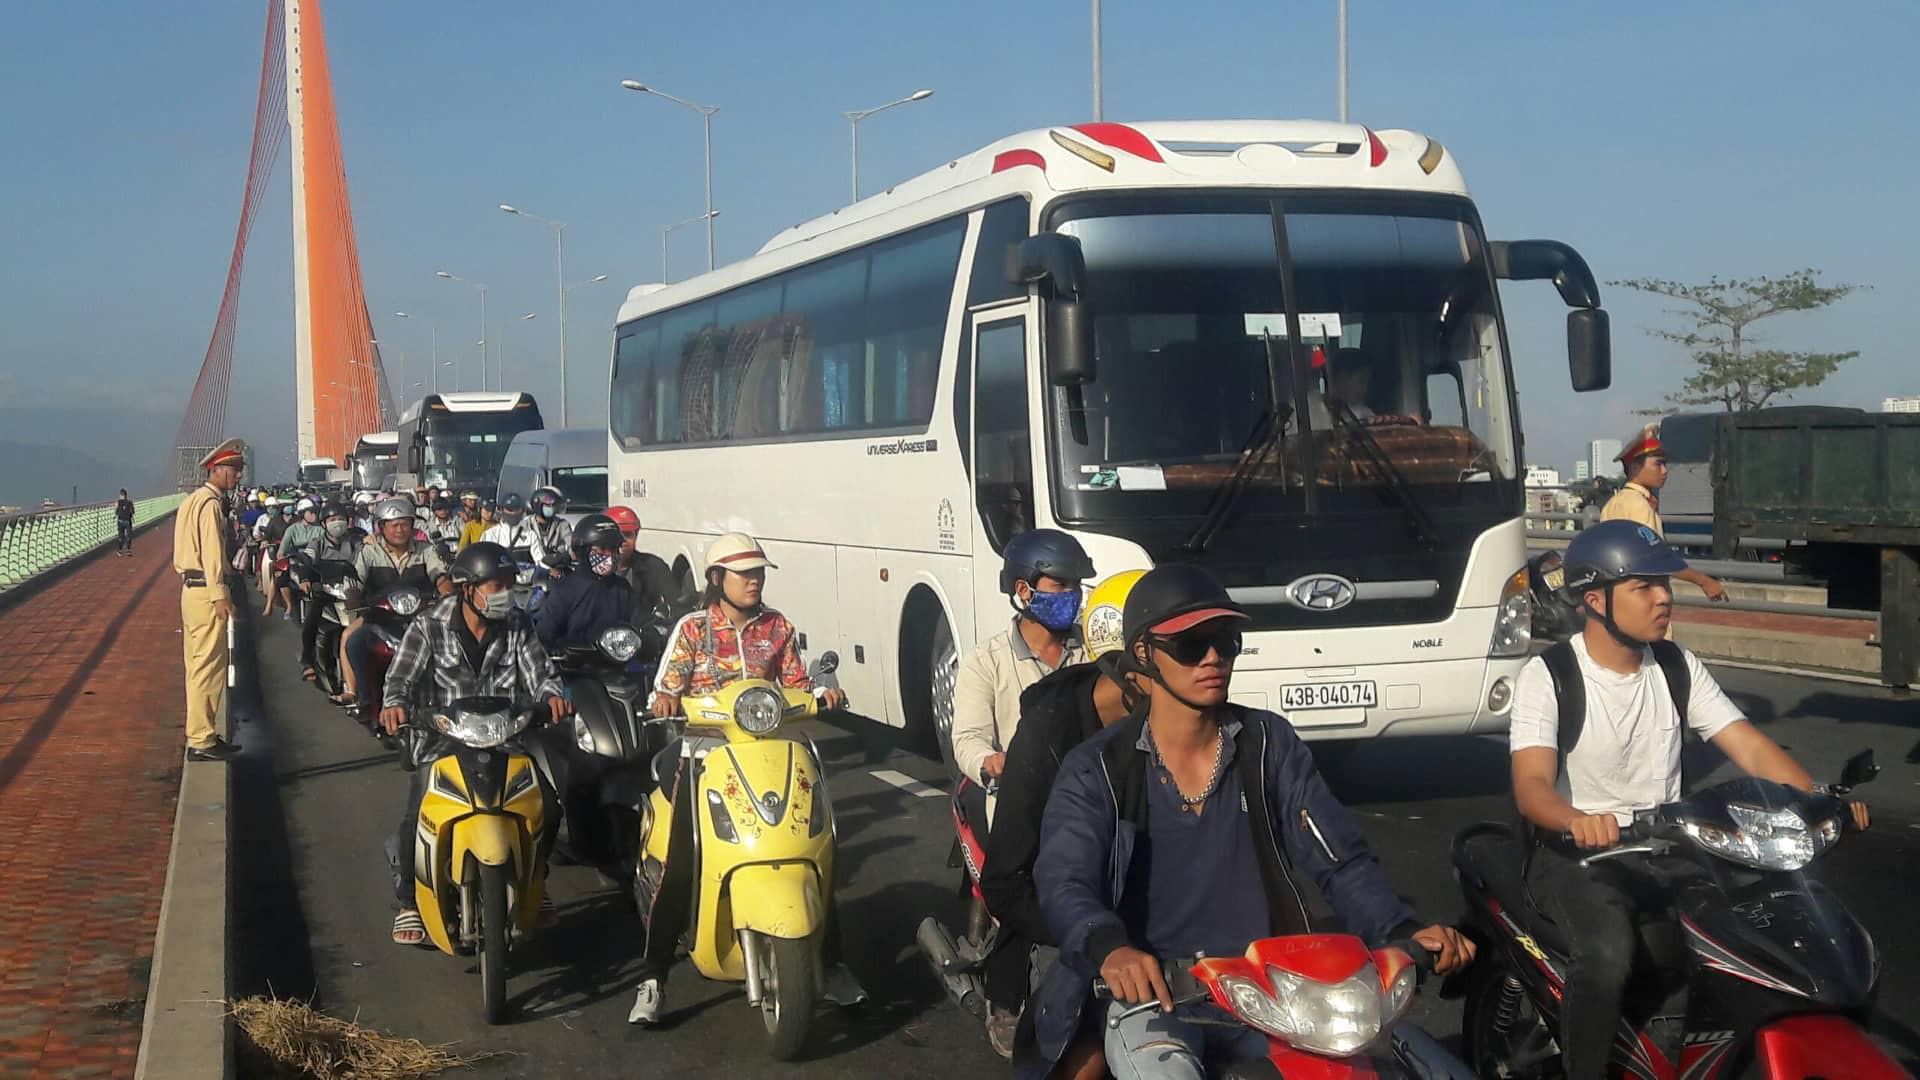 Đà Nẵng: Xe tải lật giữa cầu, giao thông ách tắc nghiêm trọng giờ cao điểm - Ảnh 2.